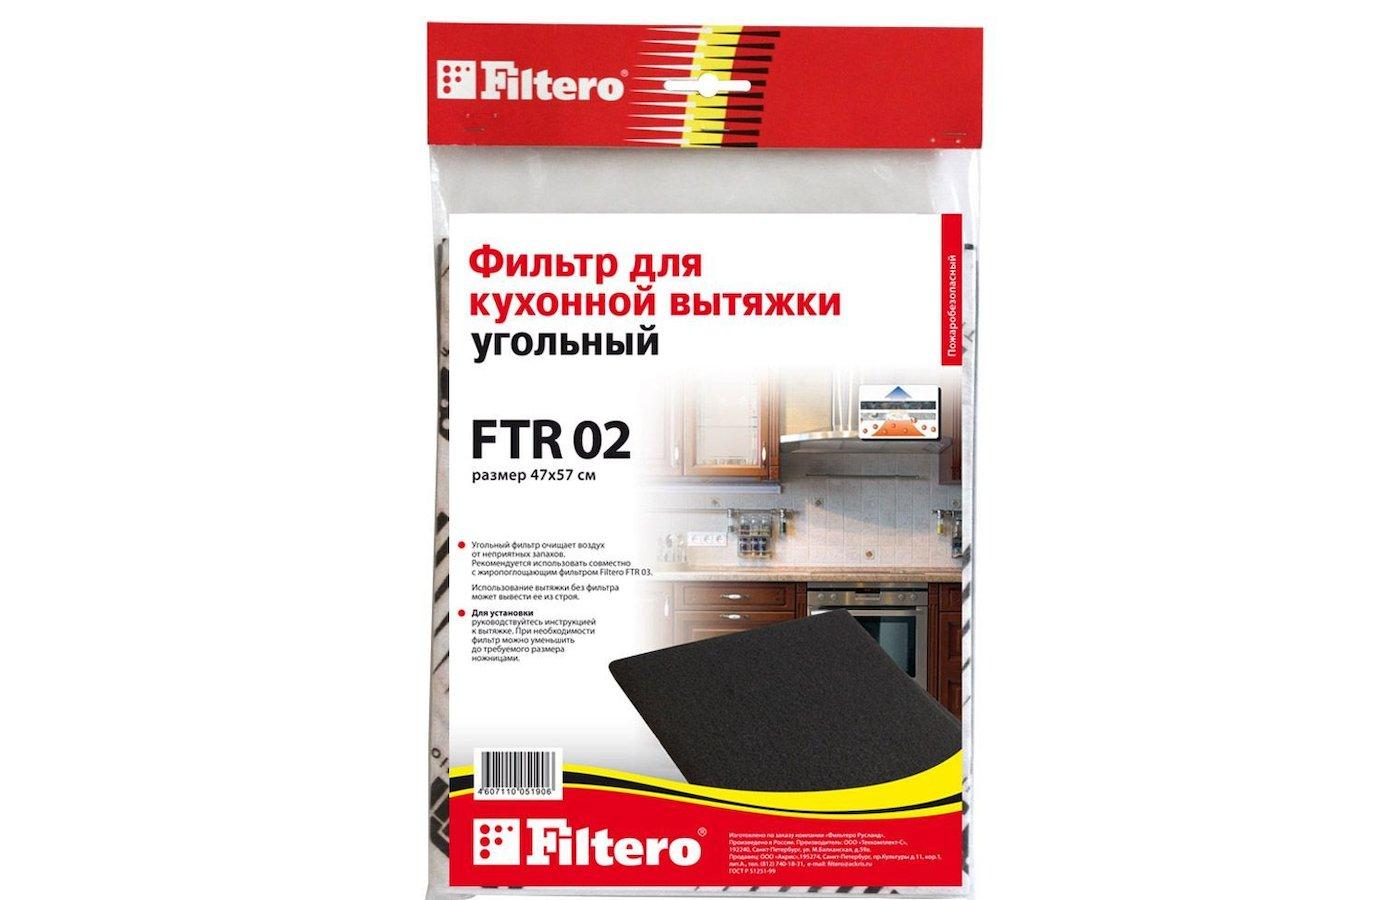 Фильтры для воздухоочистителей FILTERO FTR 02 Фильтр для вытяжки